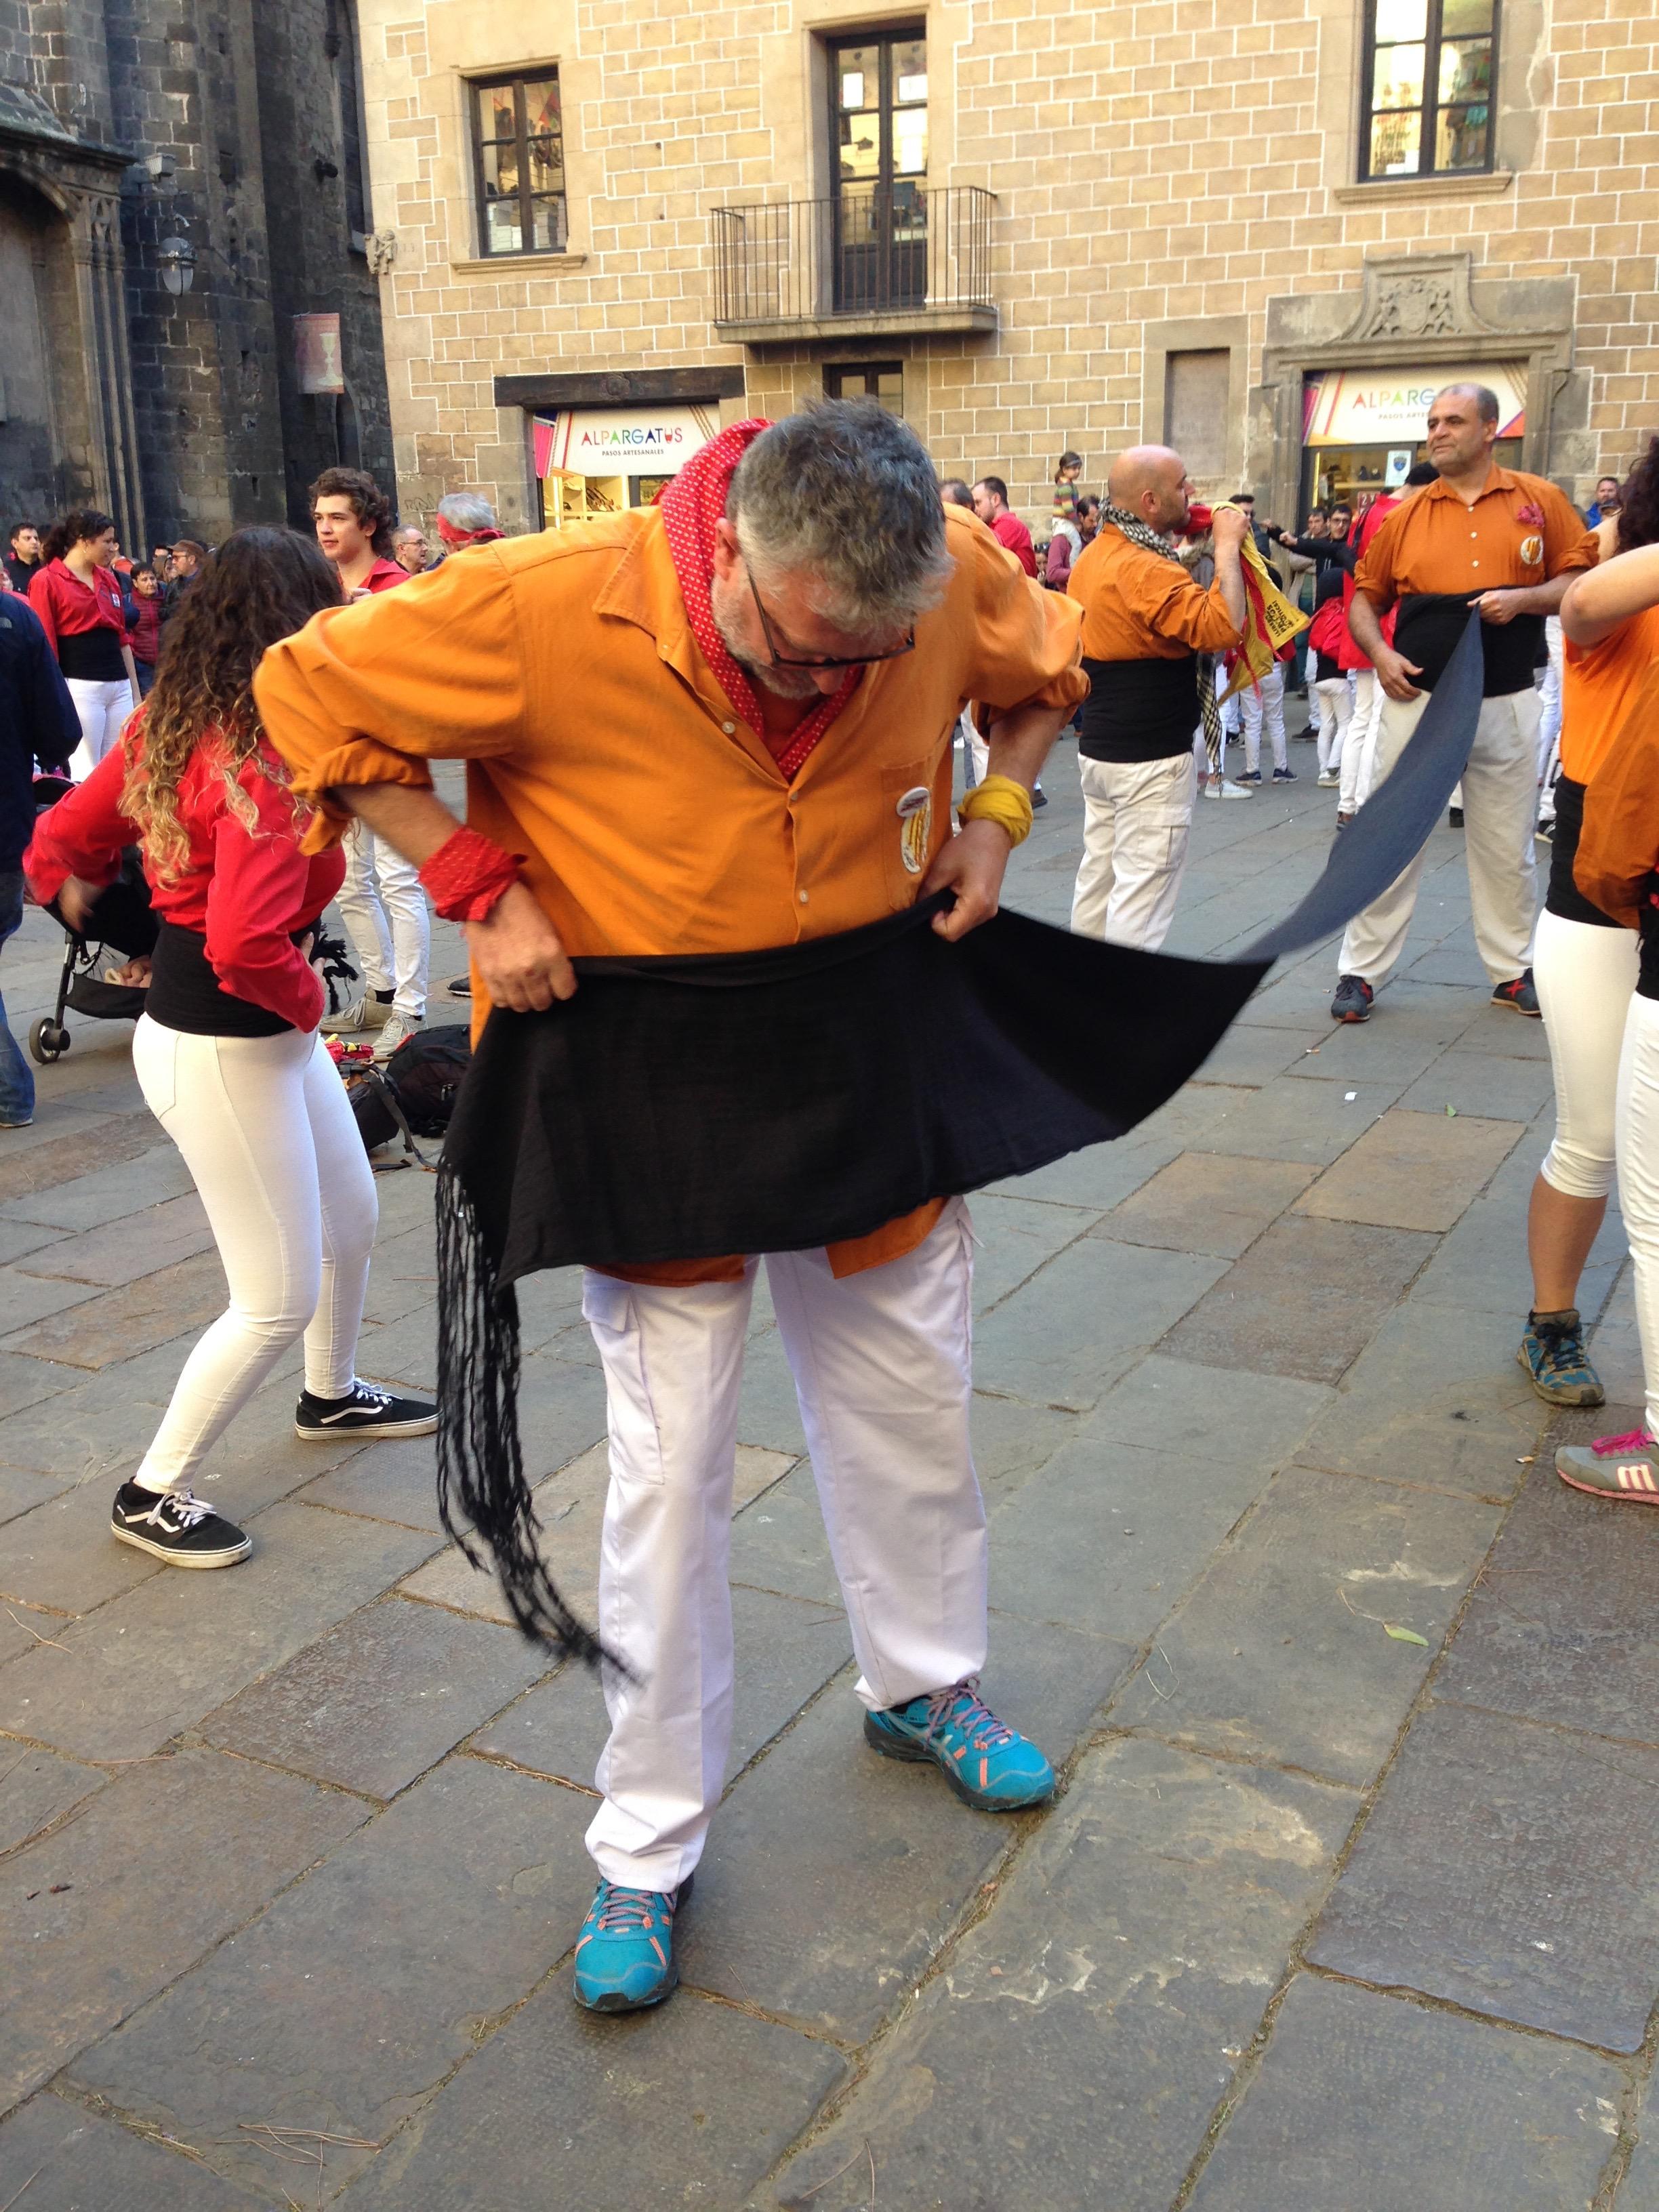 casteller putting on sash